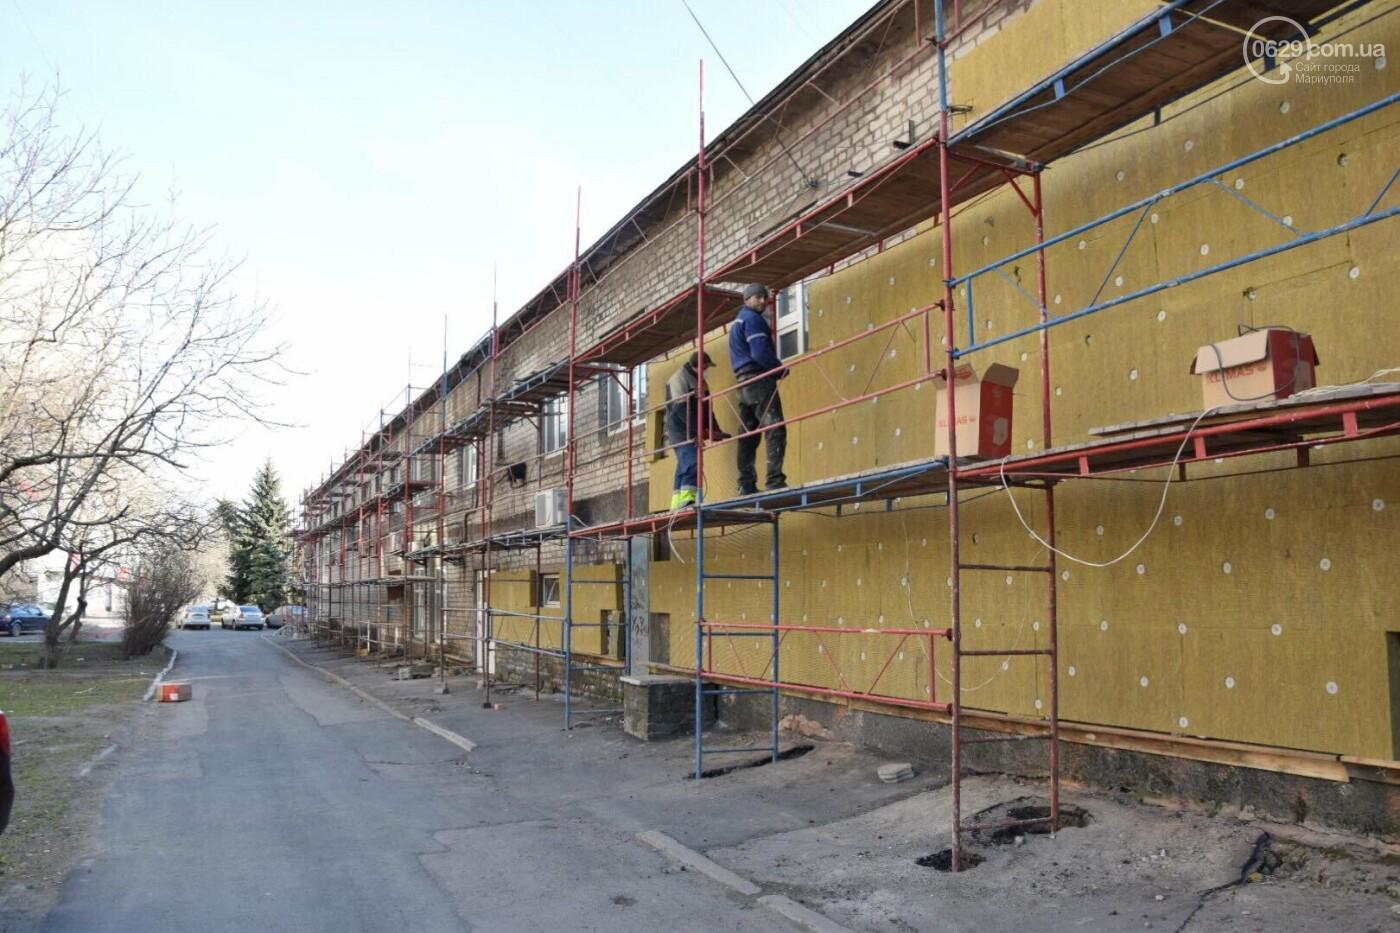 Как проходит ремонт главной библиотеки Мариуполя, - ФОТОРЕПОРТАЖ, фото-3